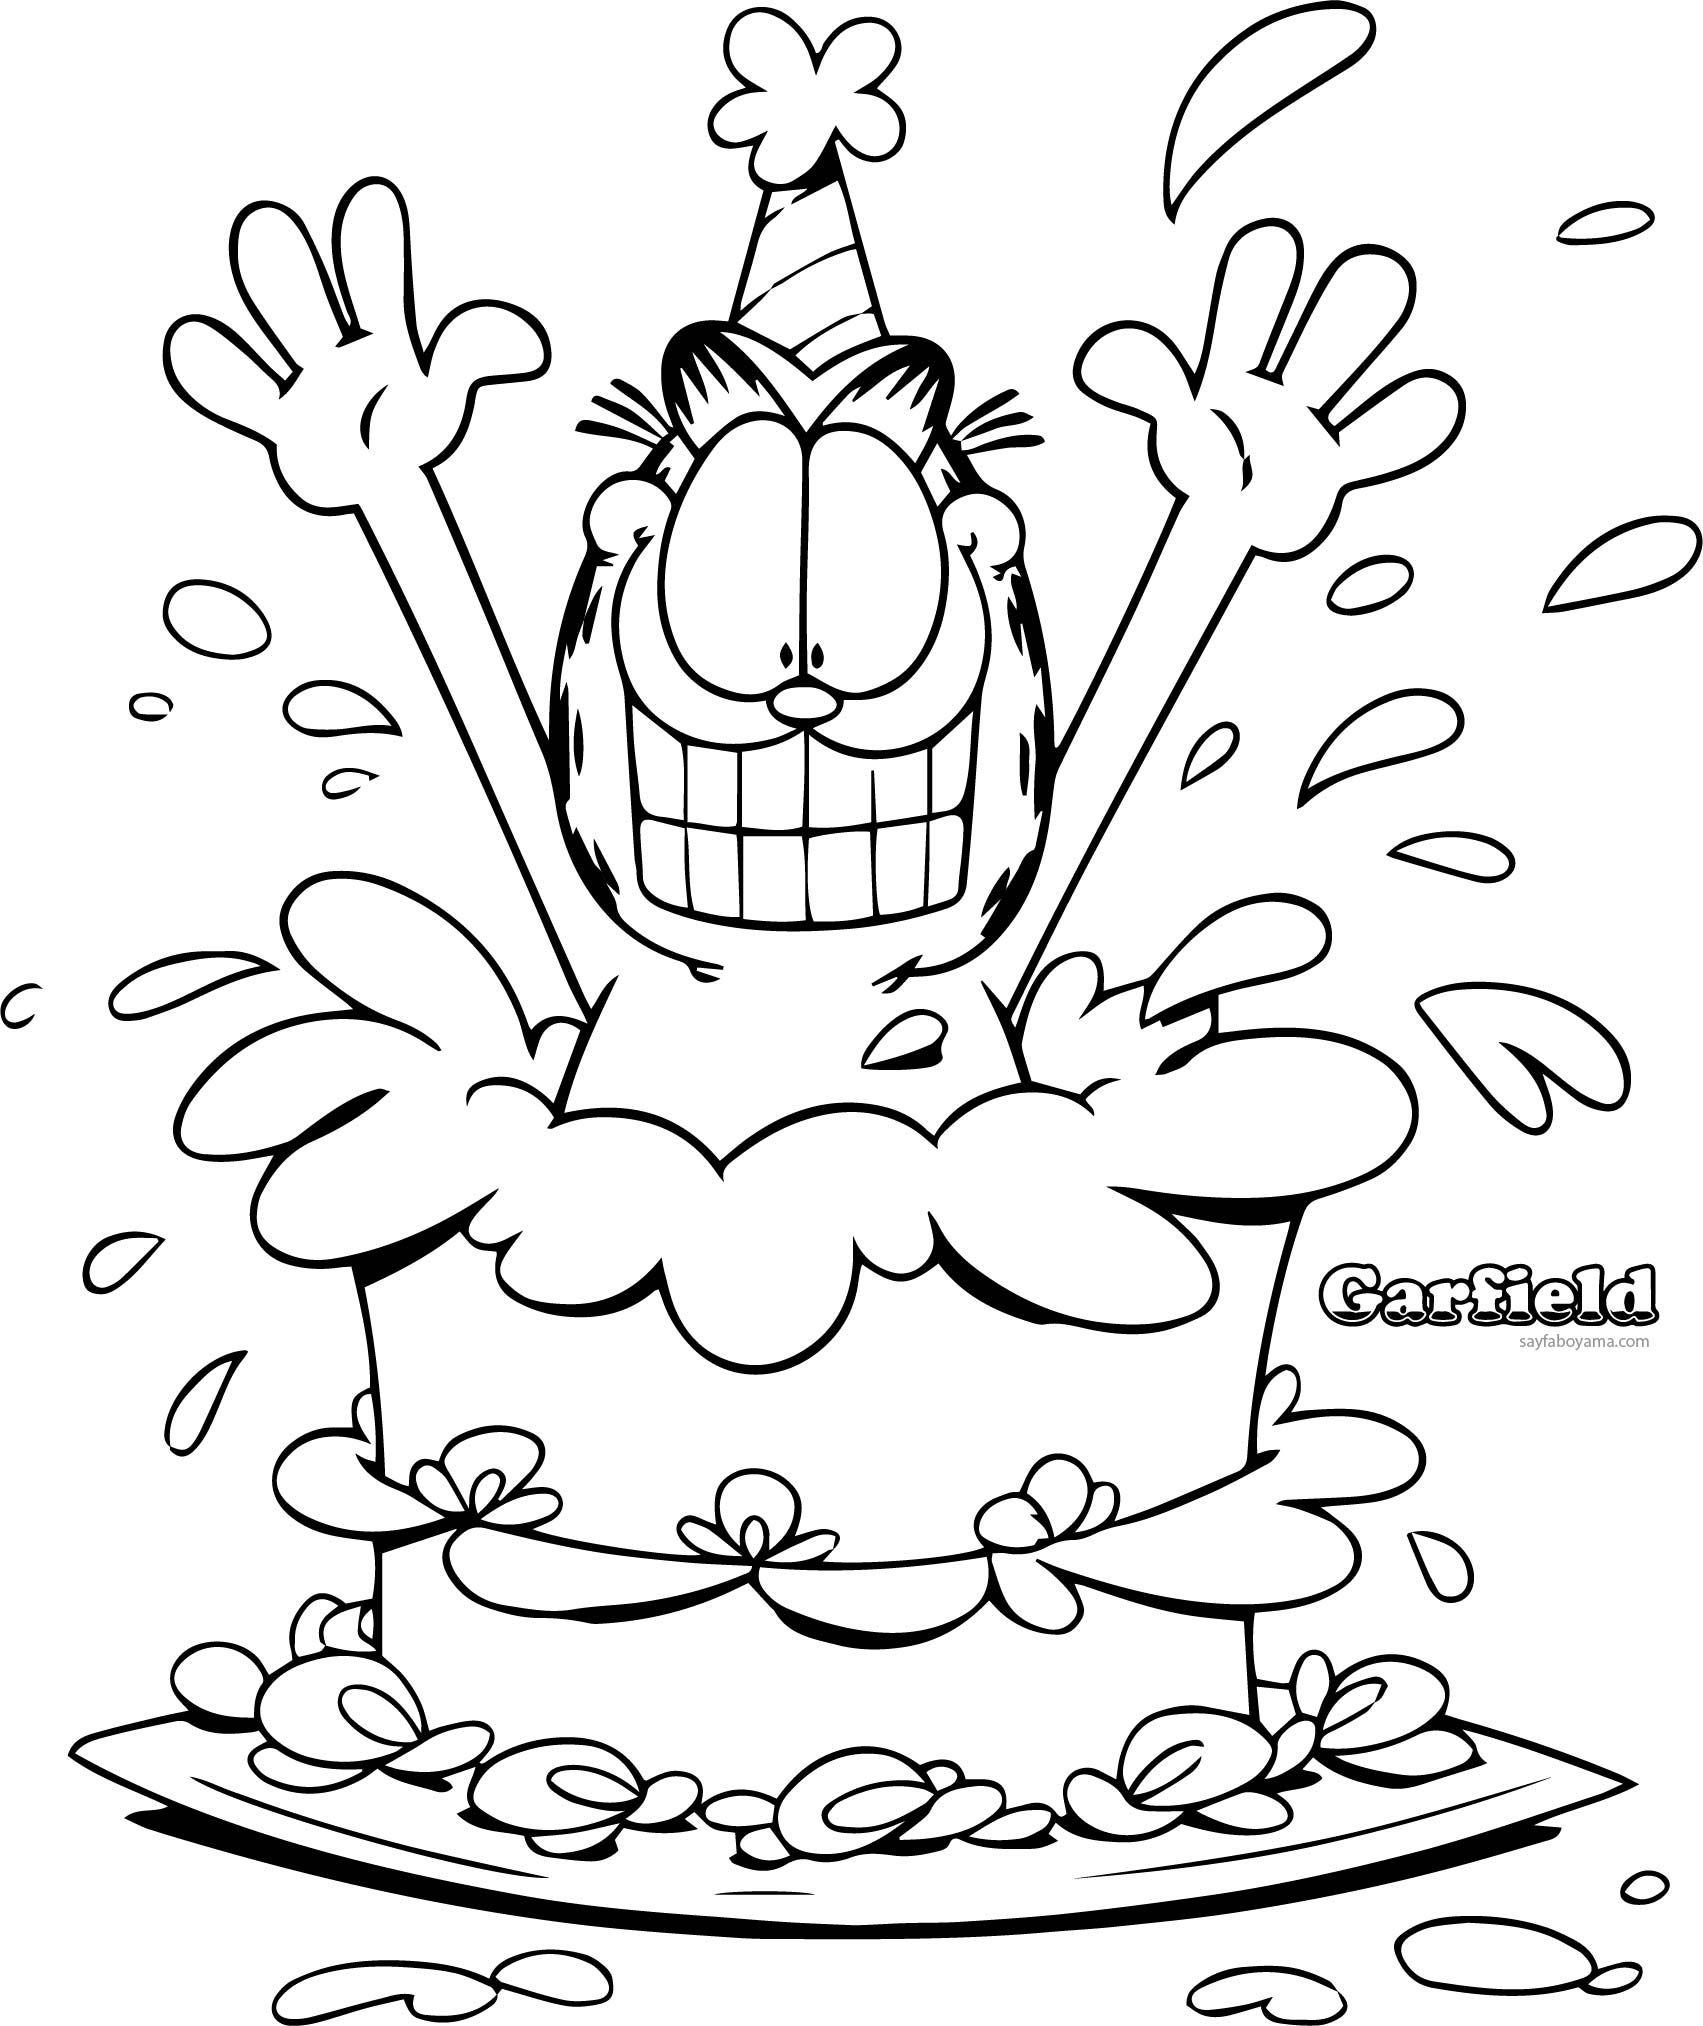 Garfield Doğum Günü Süprizi Boyama Sayfası Wallpaper Sayfa Boyama